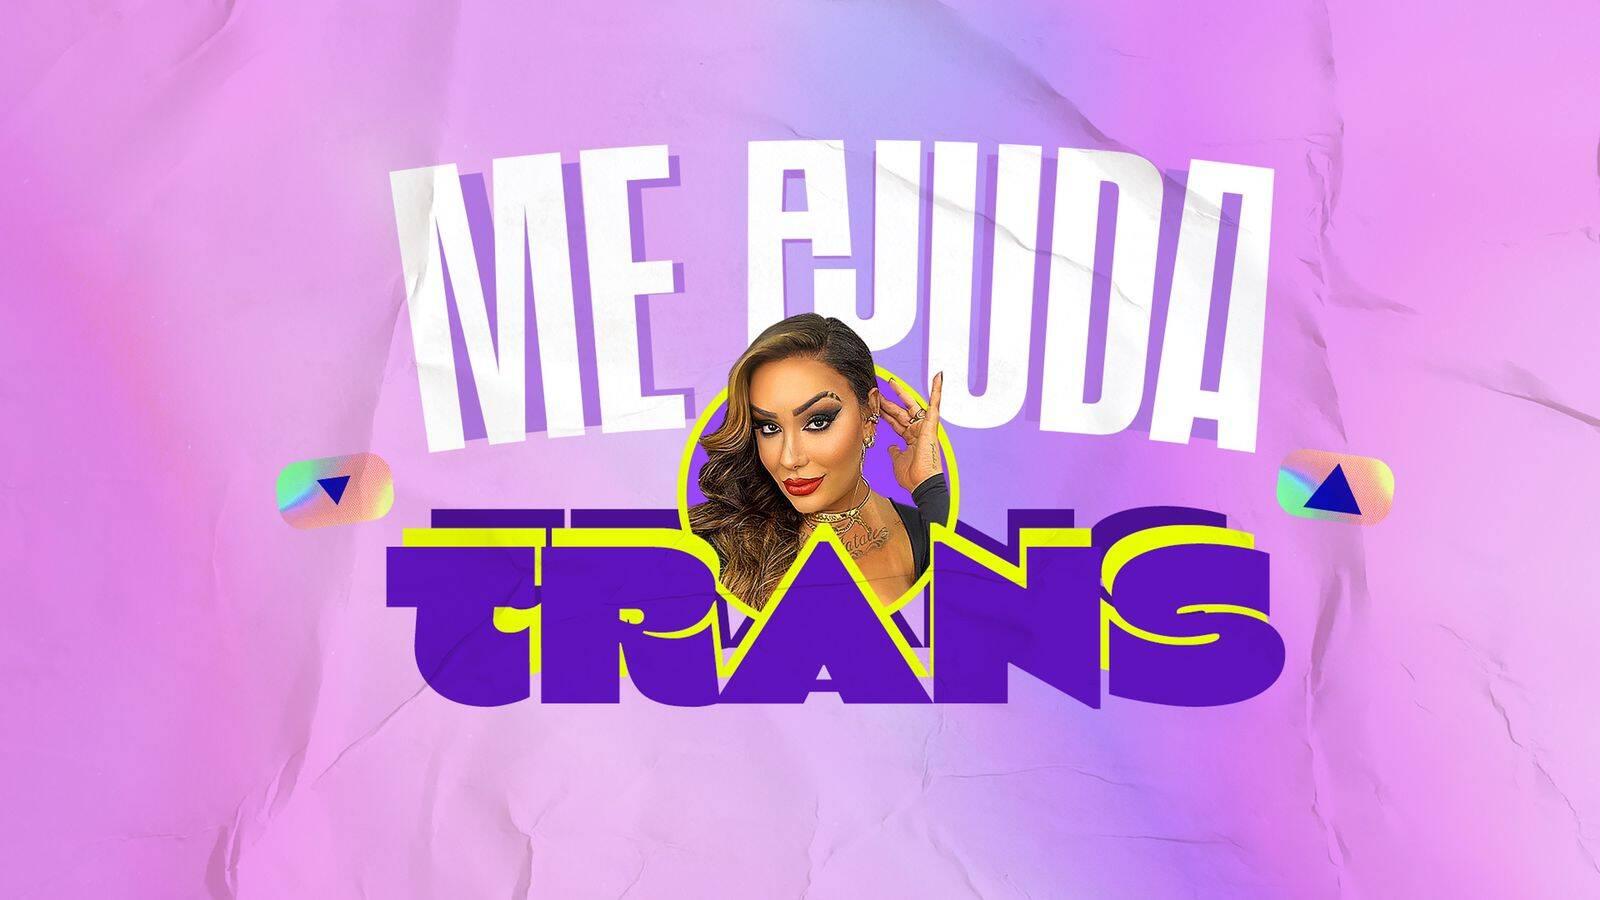 """Quadro """"Me Ajuda Trans"""" será exibido às 22h30 das terças-feiras no programa """"HERvolution"""", da Rede TV! e KondZilla Filmes. Foto: Divulgação"""